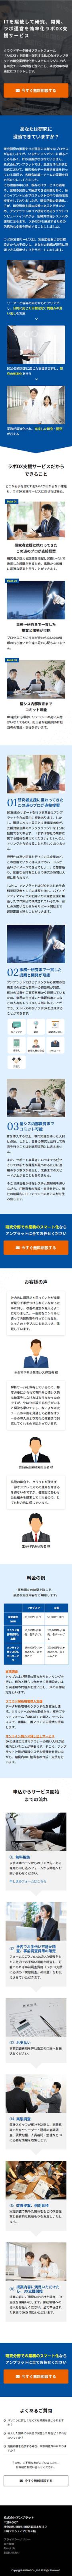 株式会社アンプラットランディングページ スマホ版